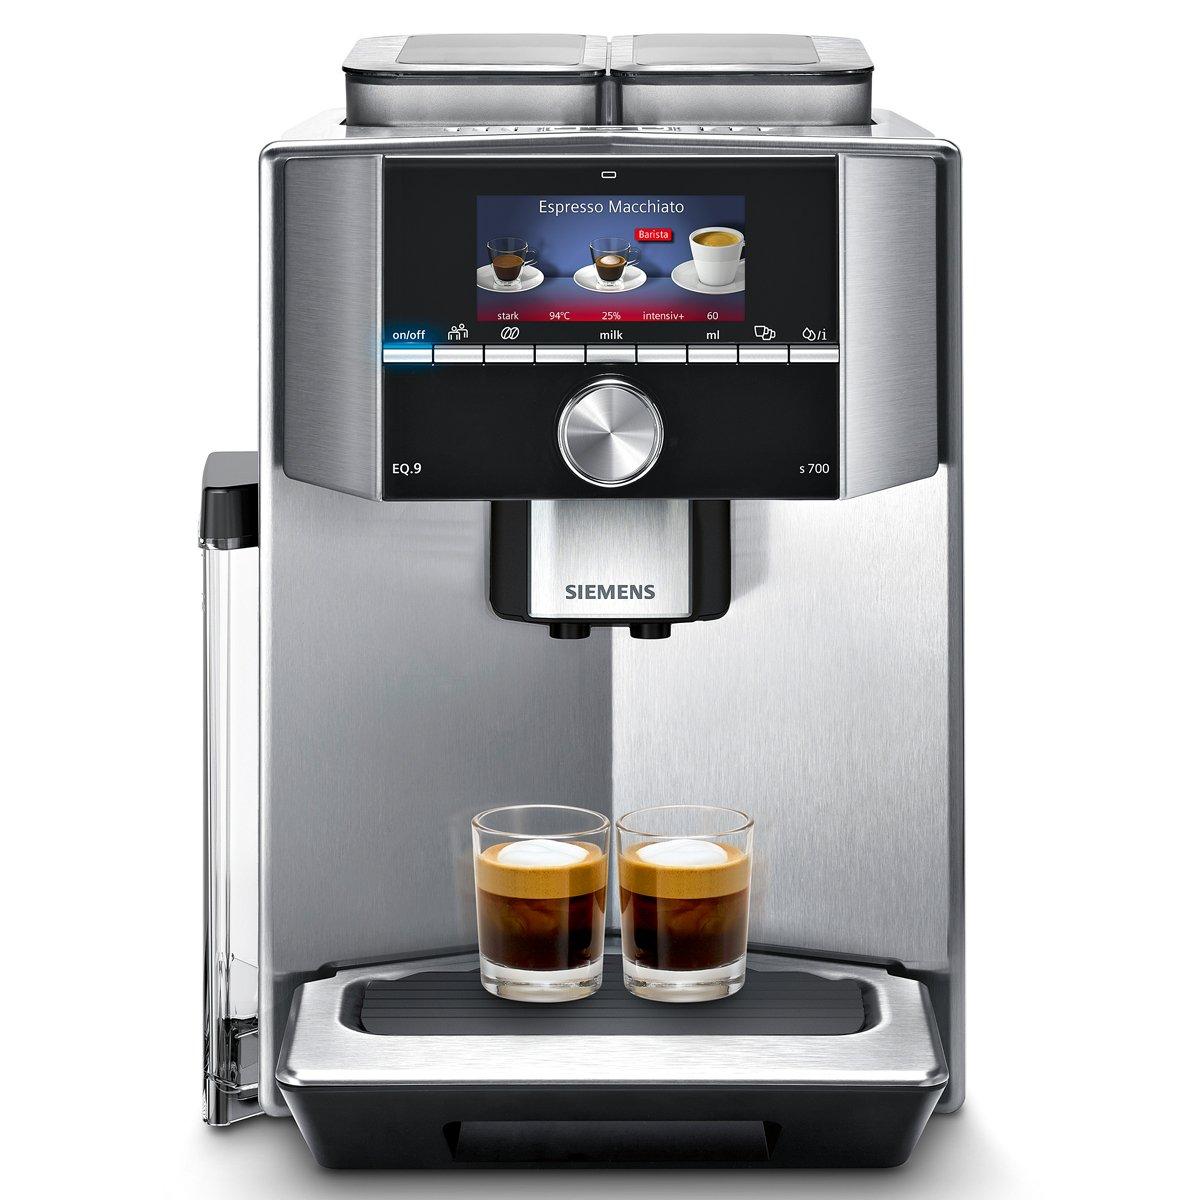 Siemens ti907501de di caffè automatiche include filtri acqua TI917531DE